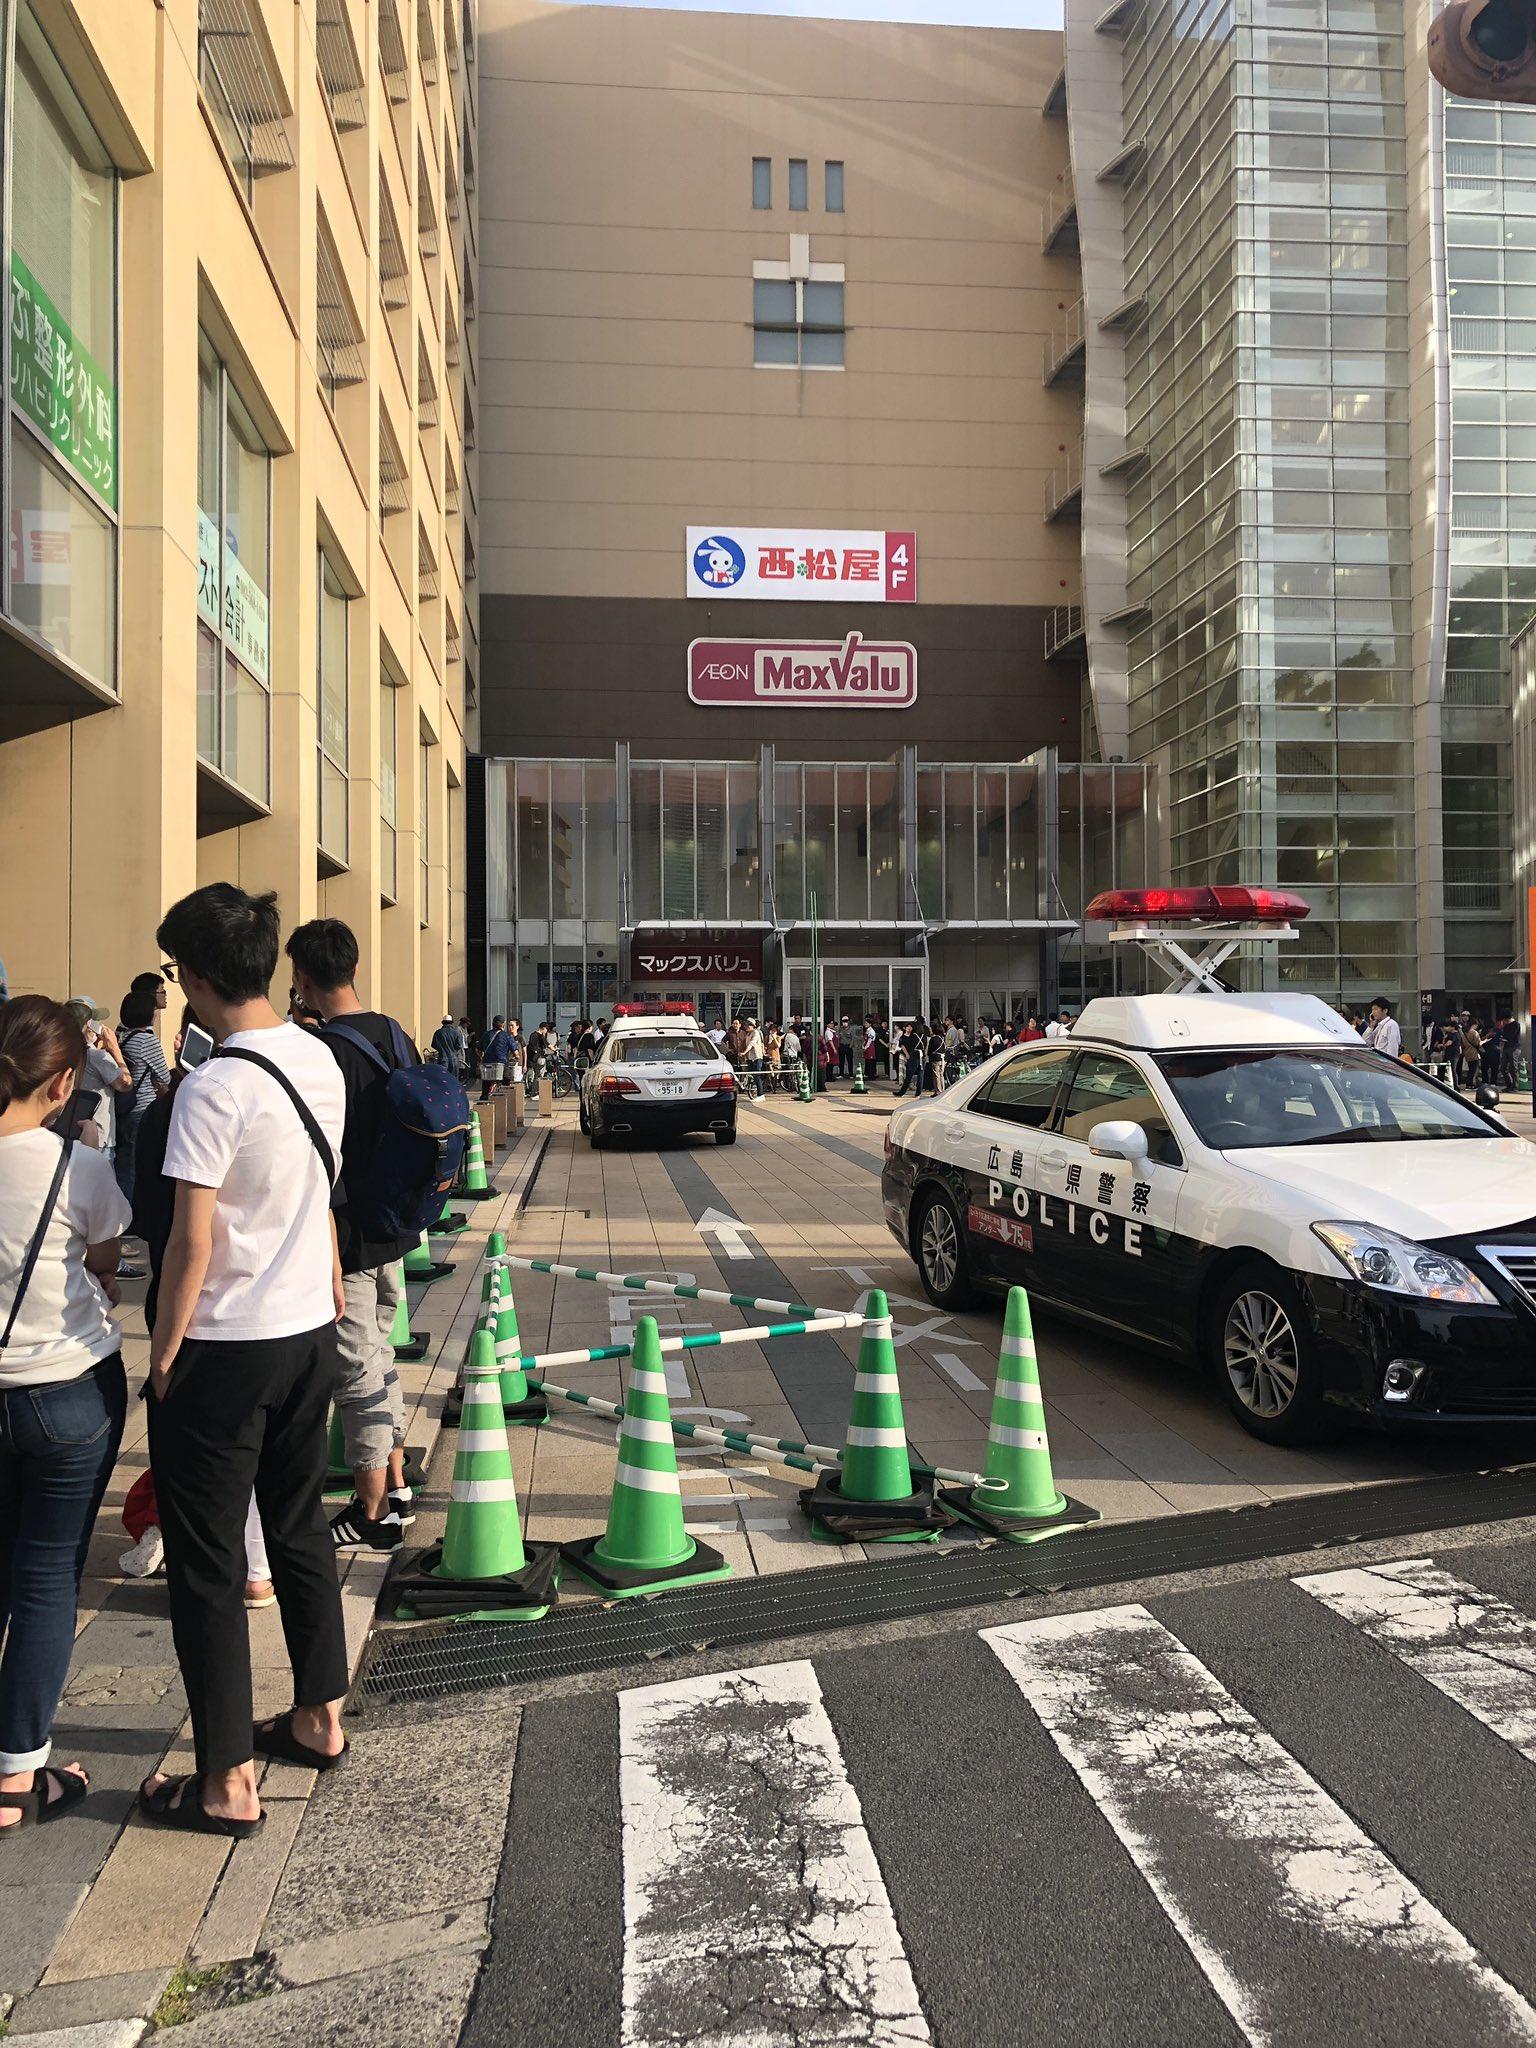 段原ショッピングセンター「段原イオン」で爆破予告事件が起きた現場画像